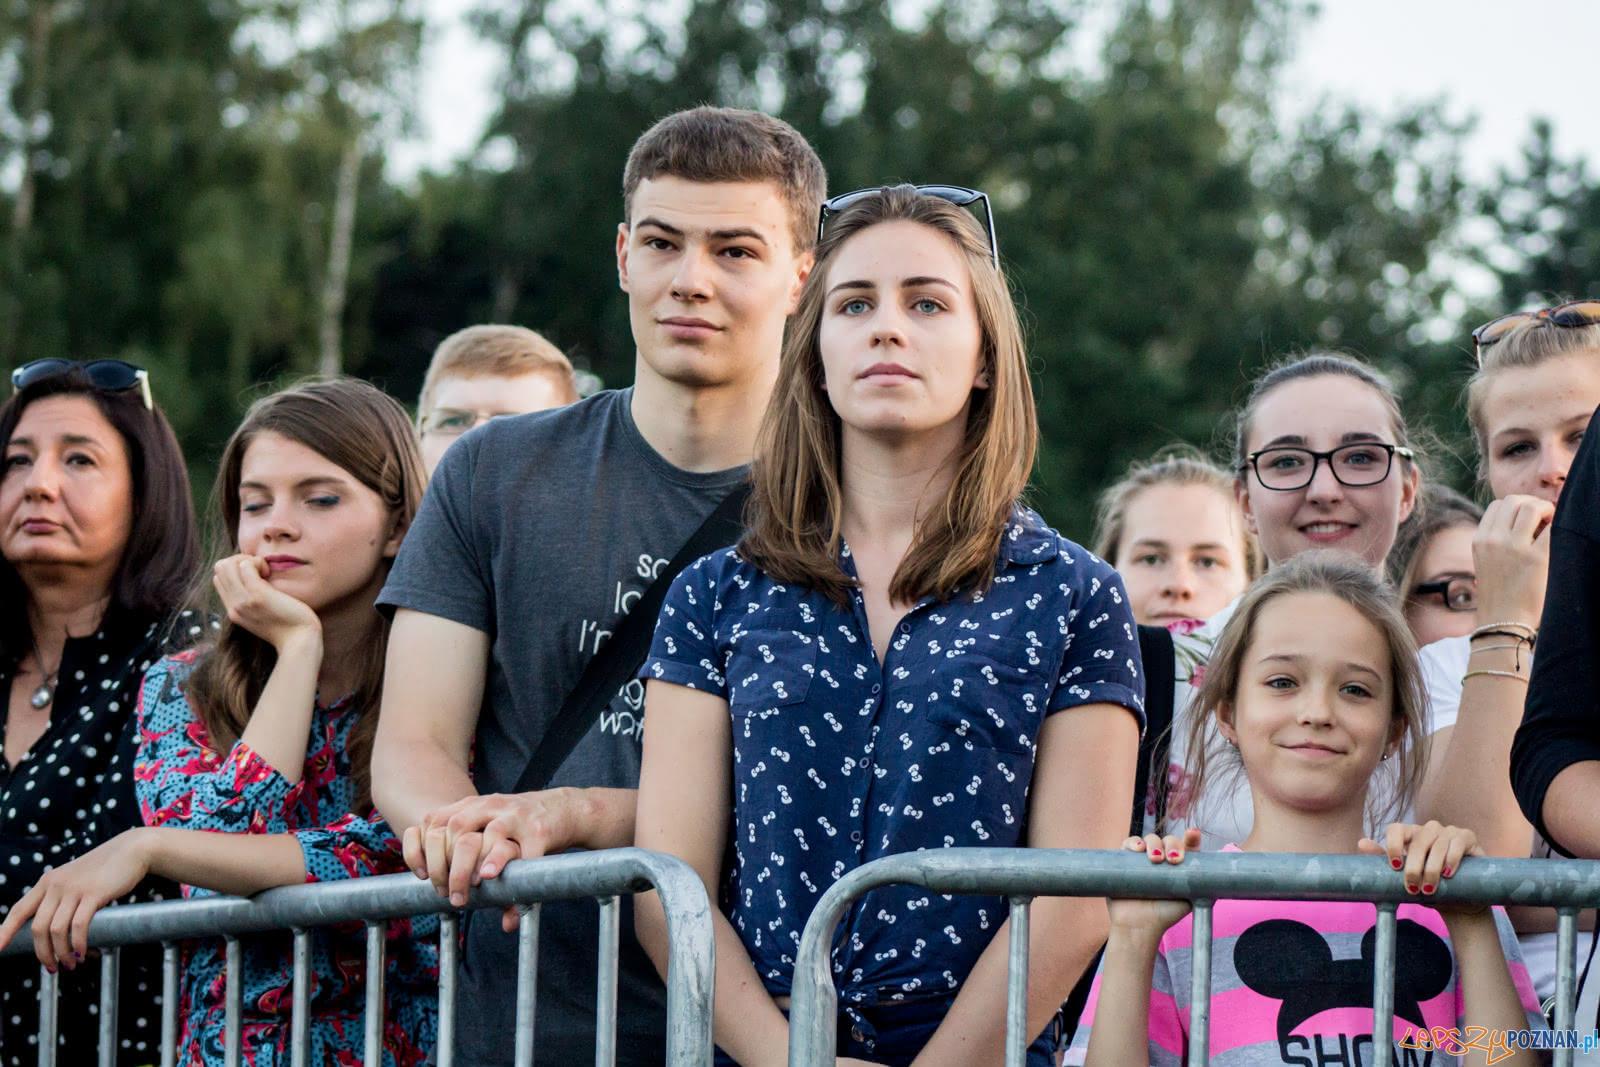 Mikromiusic NaFalach  Foto: lepszyPOZNAN.pl / Ewelina Jaśkowiak